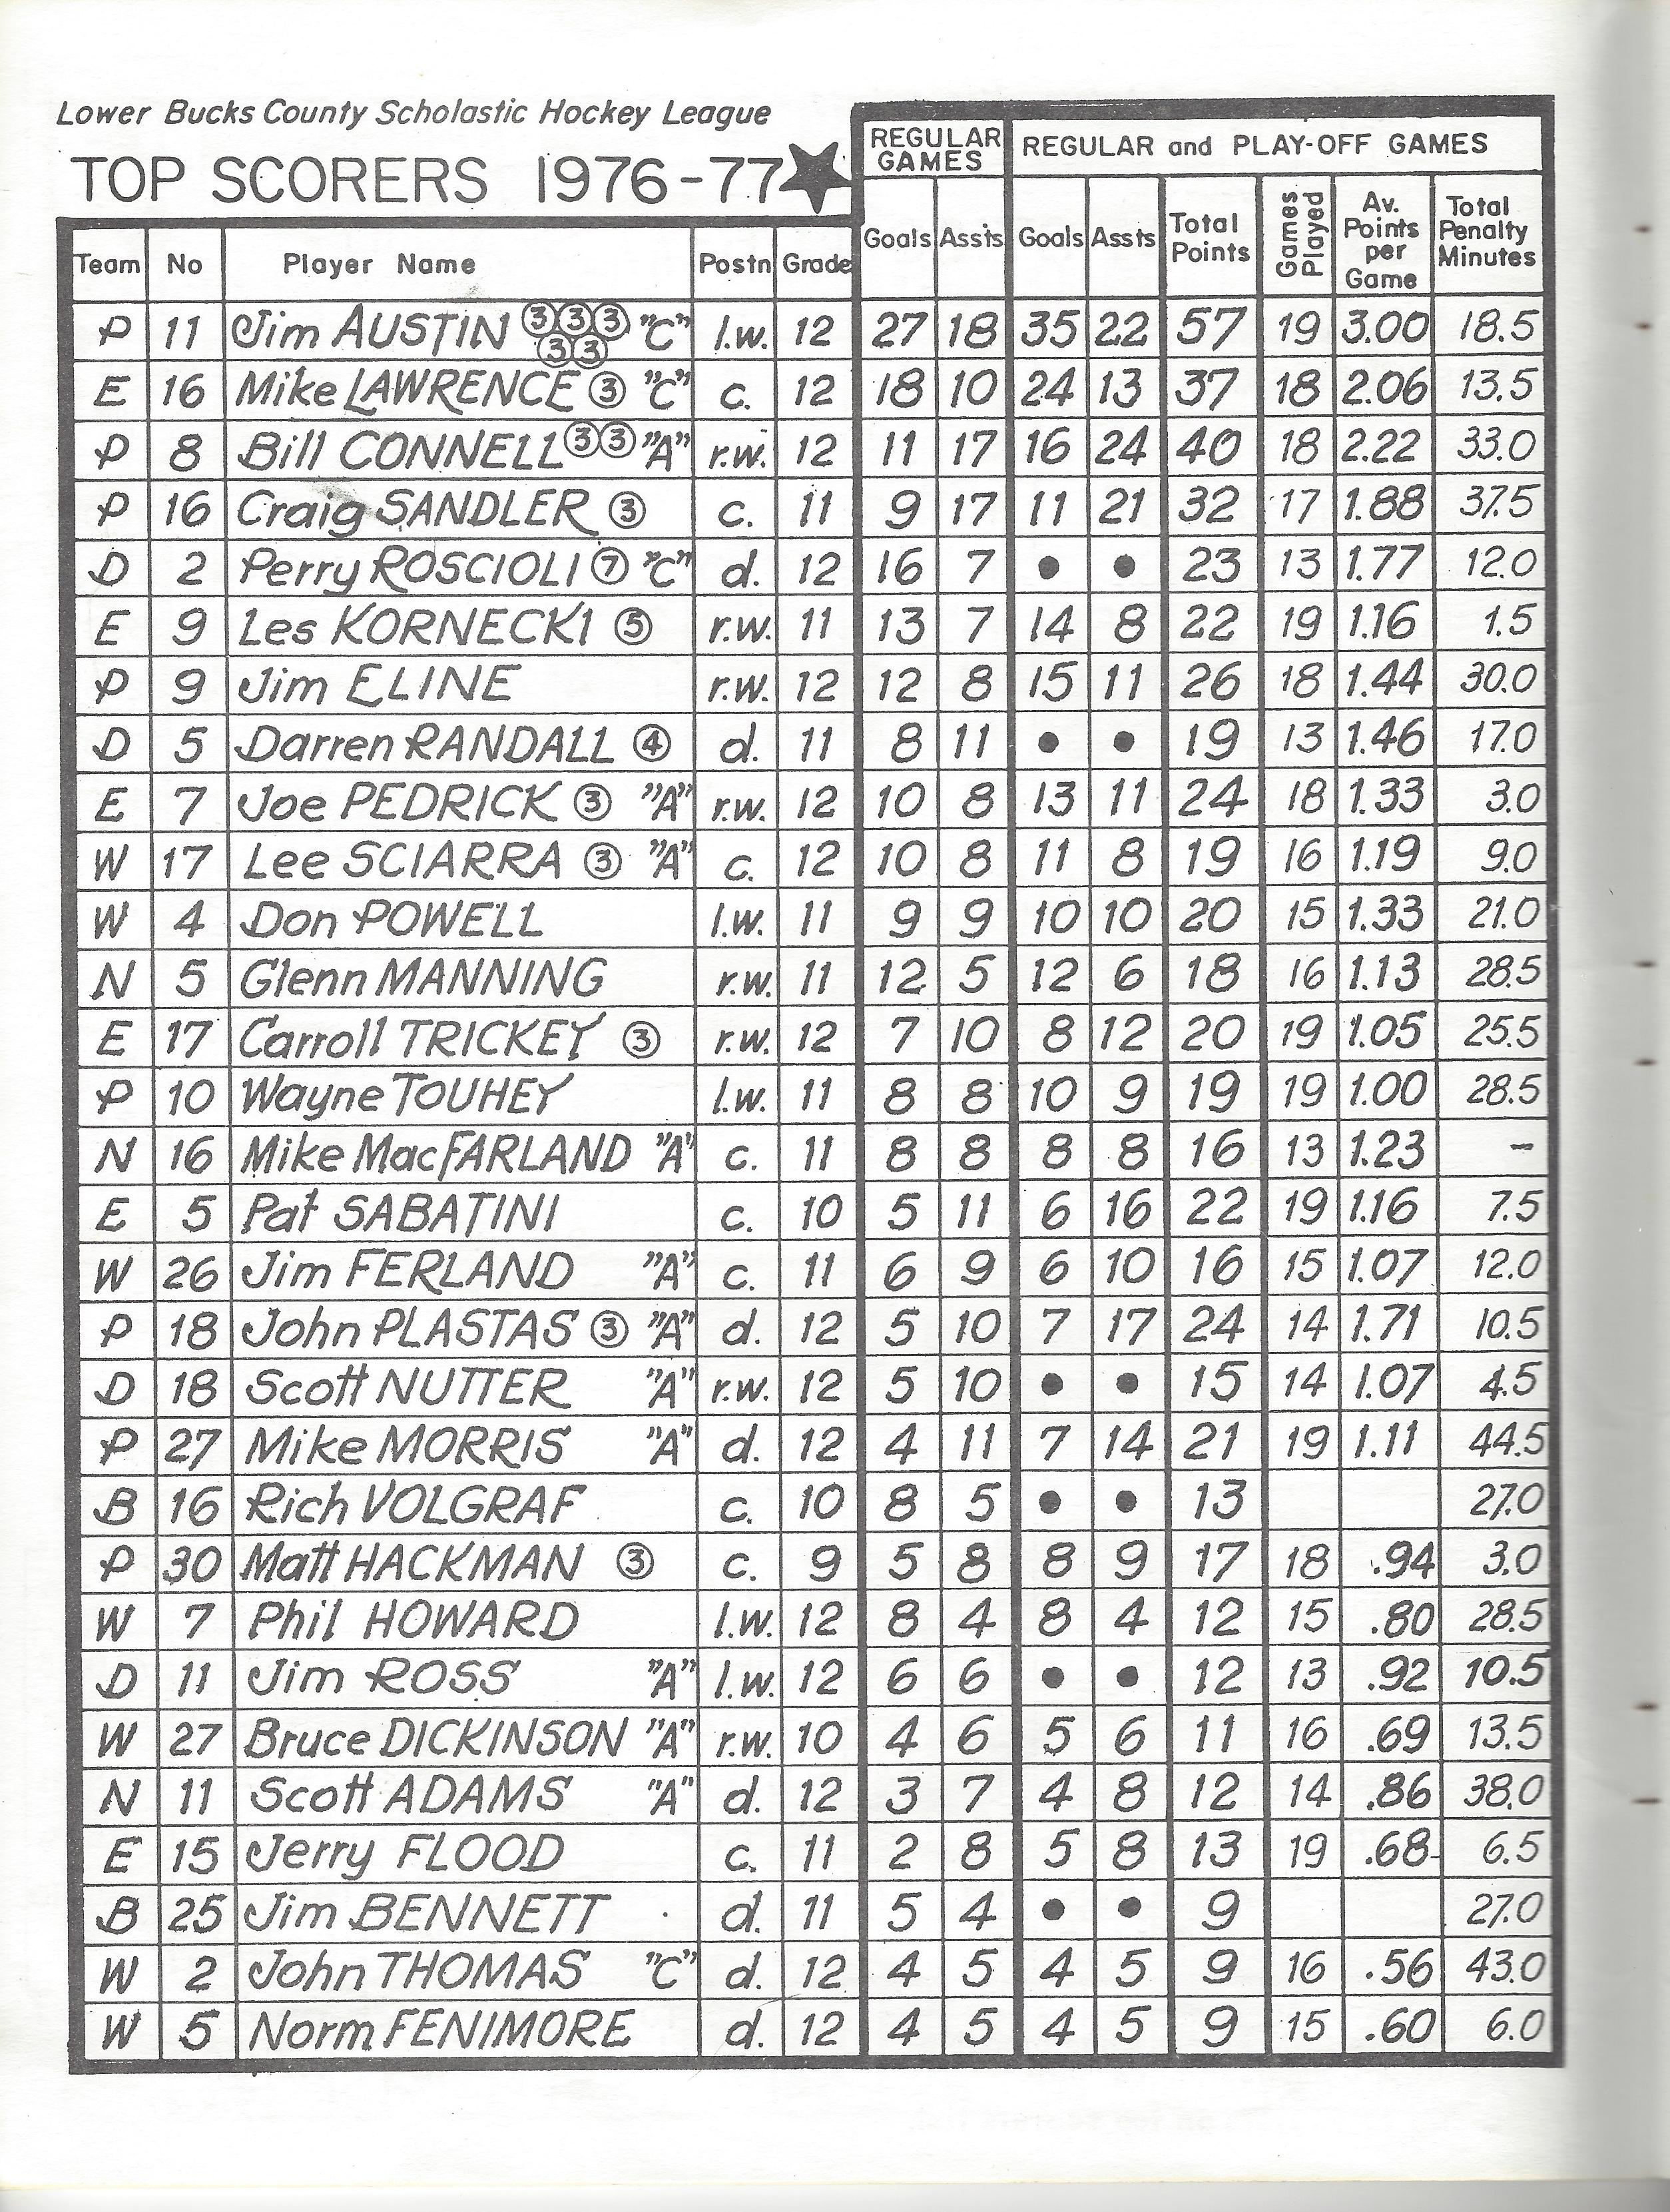 1977 LBCSHL League Top Scorers